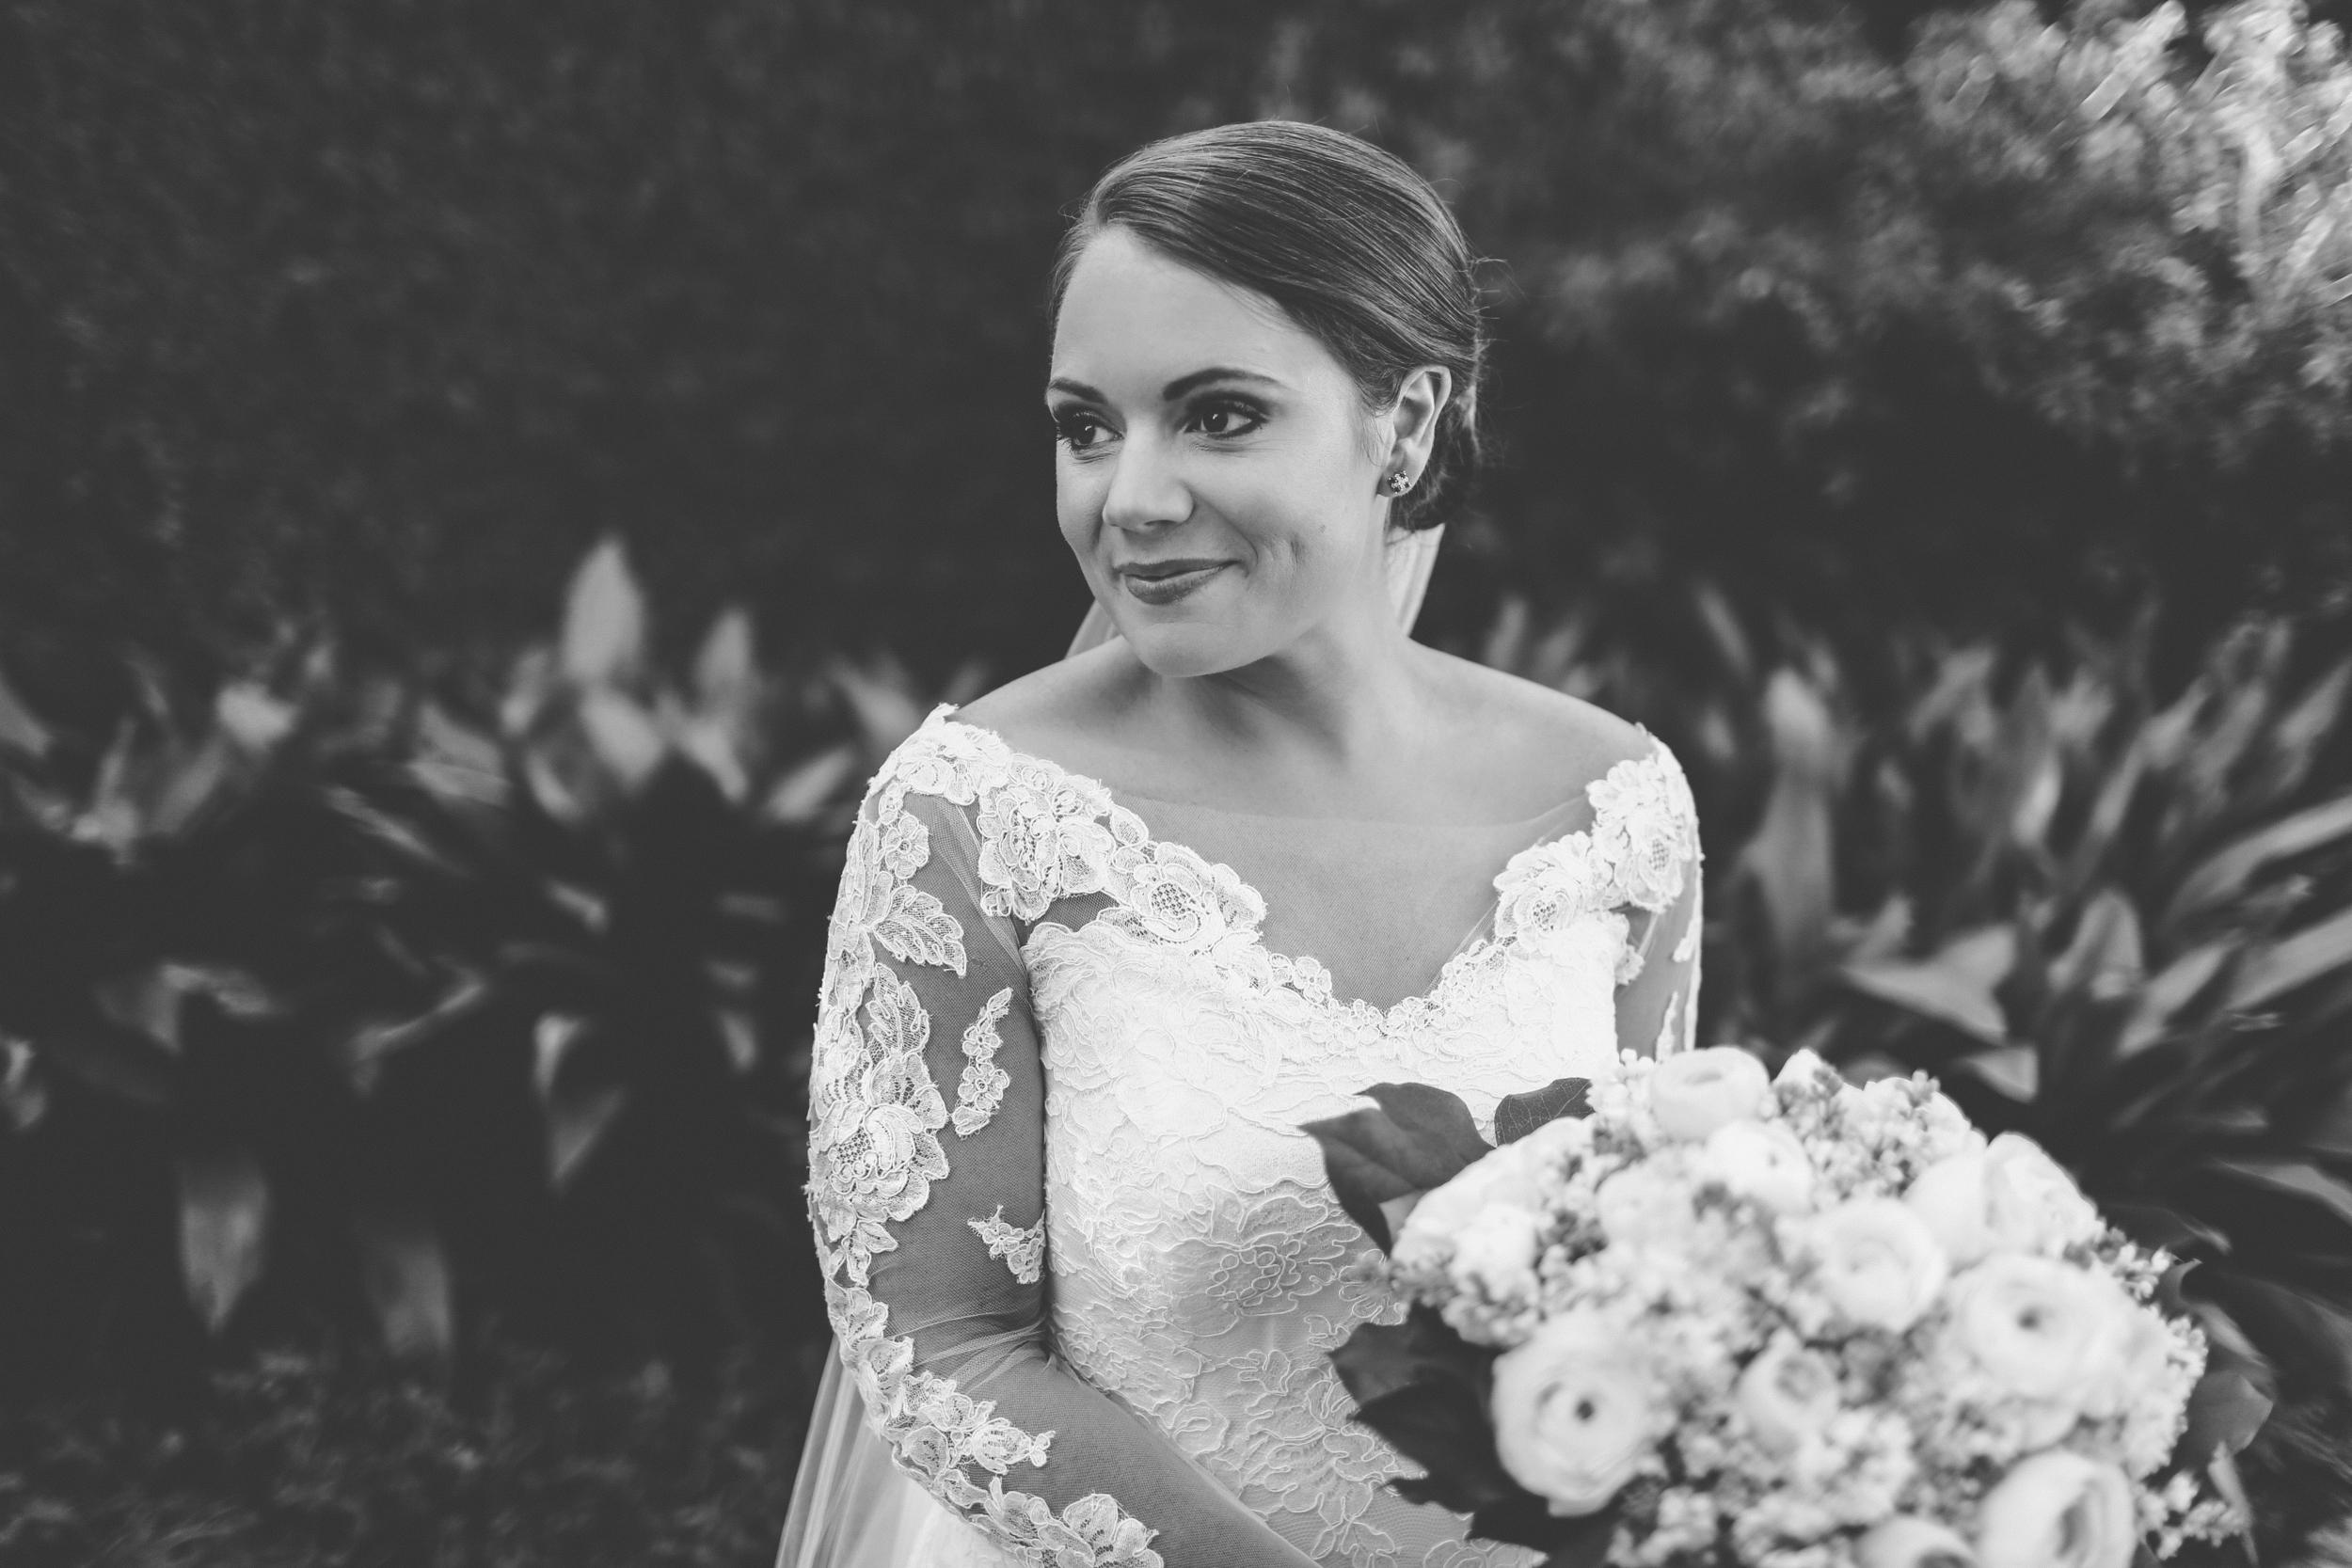 Kuhlke_wedding-144.jpg